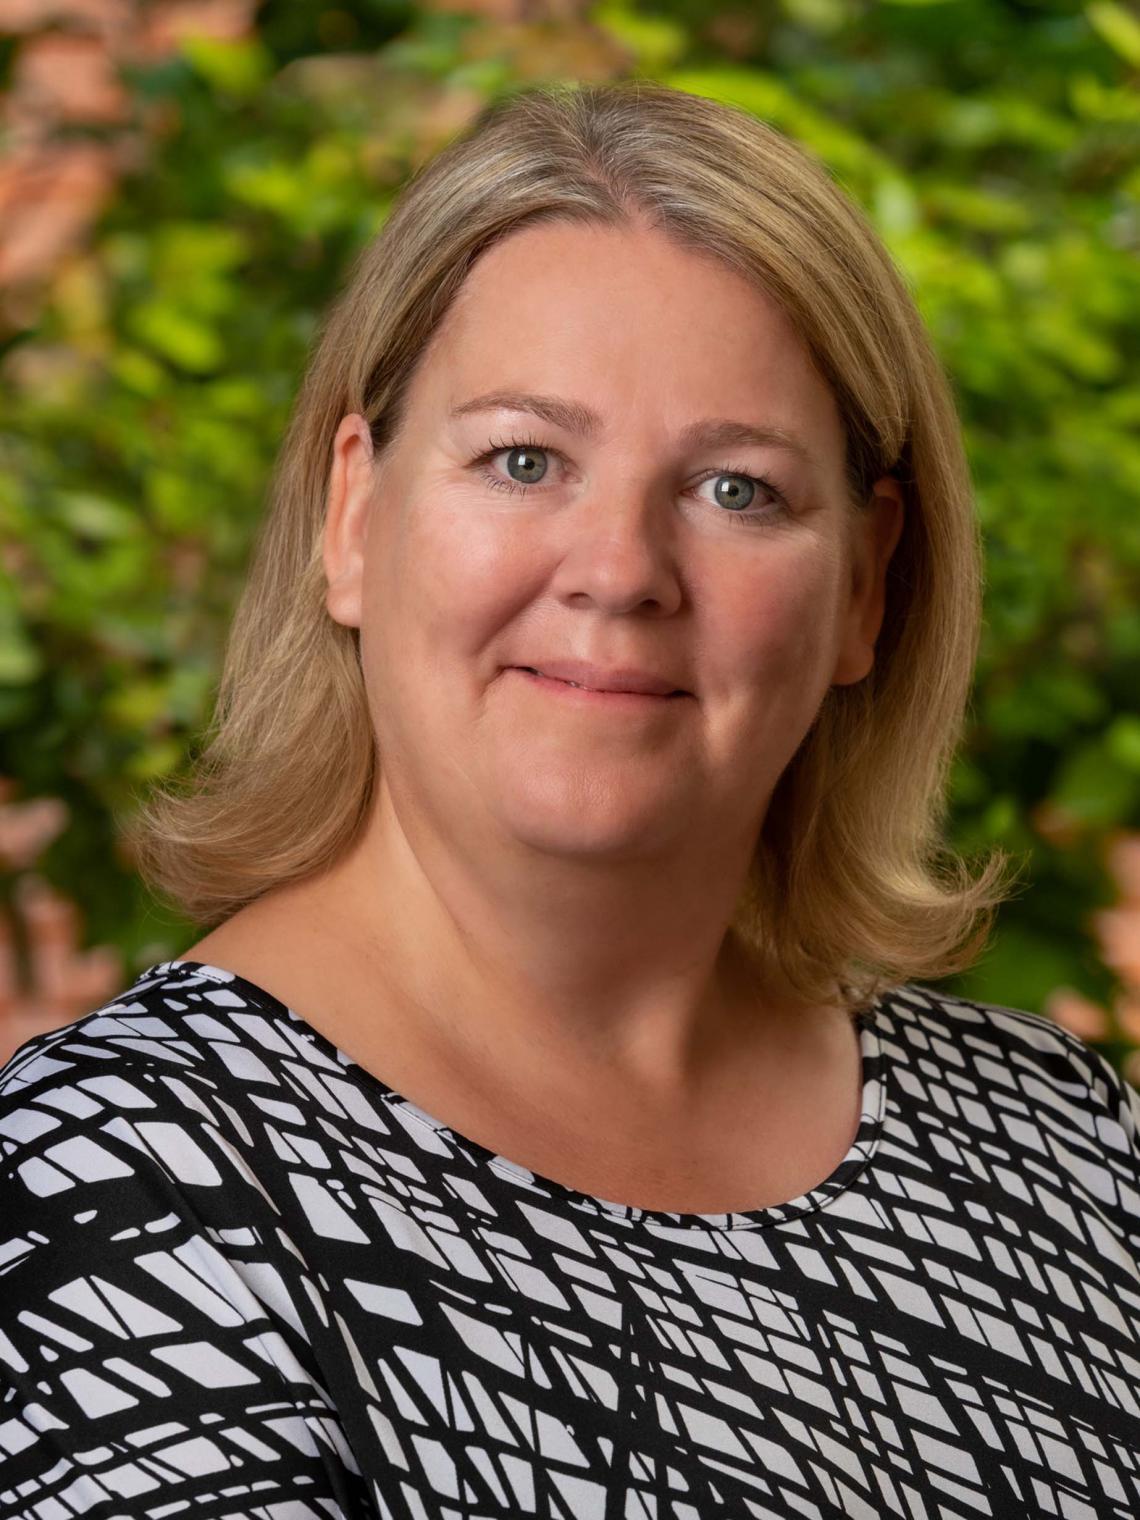 Ashley Hammarstrom